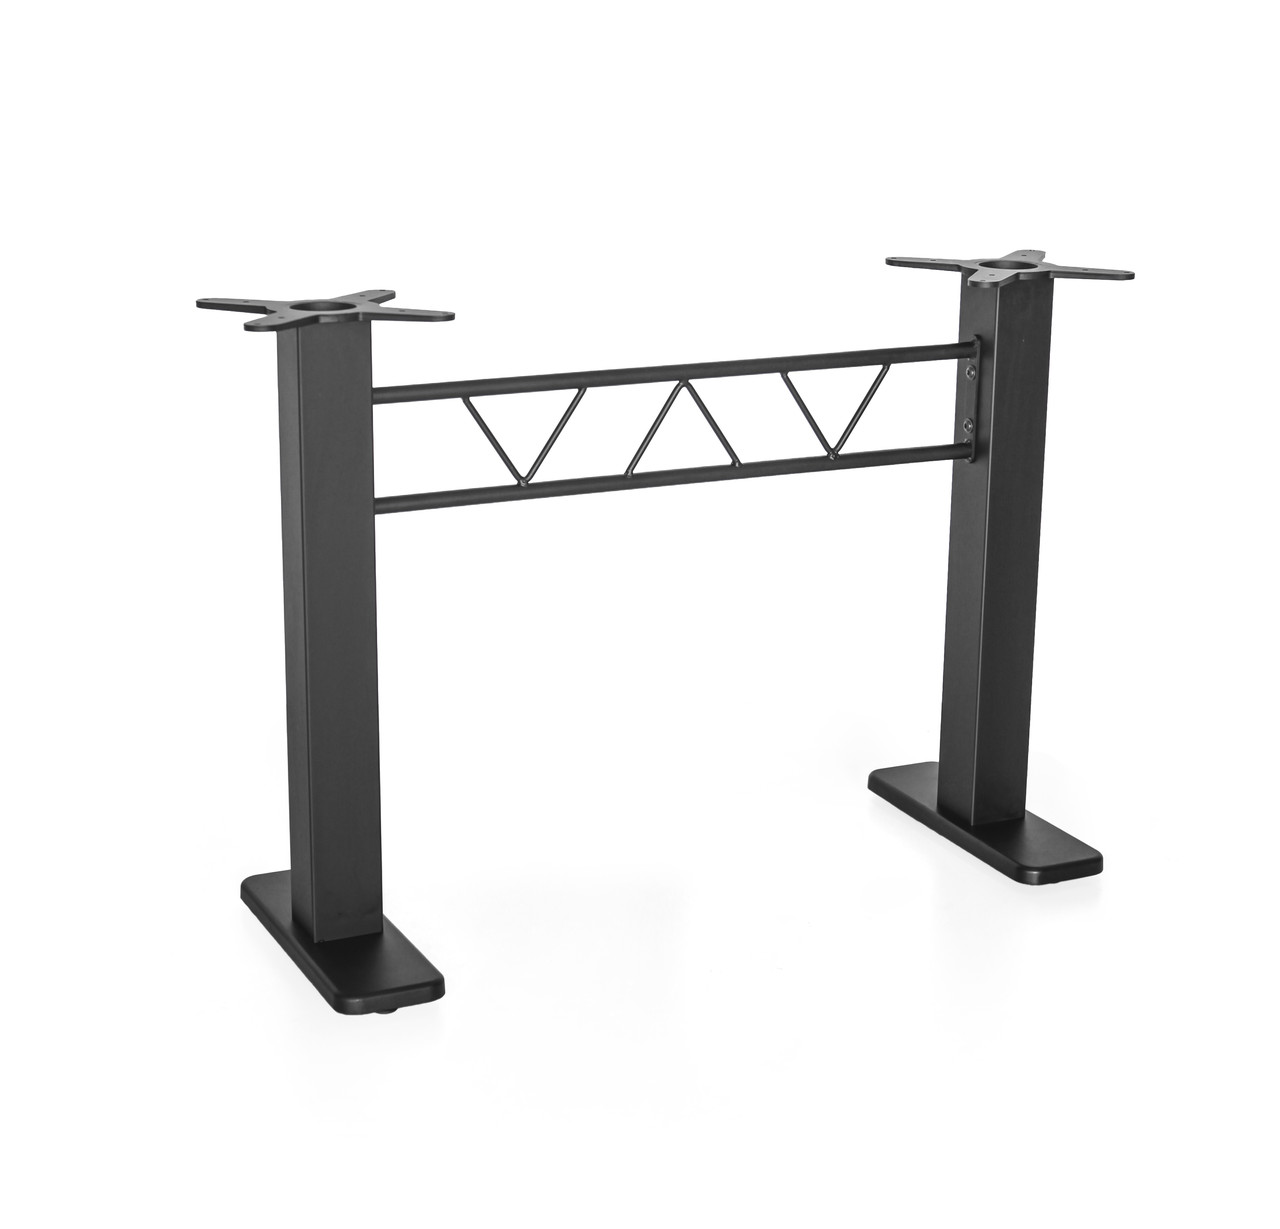 Основание для прямоугольного стола с квадратными стойками MA820 двойная h71 см.